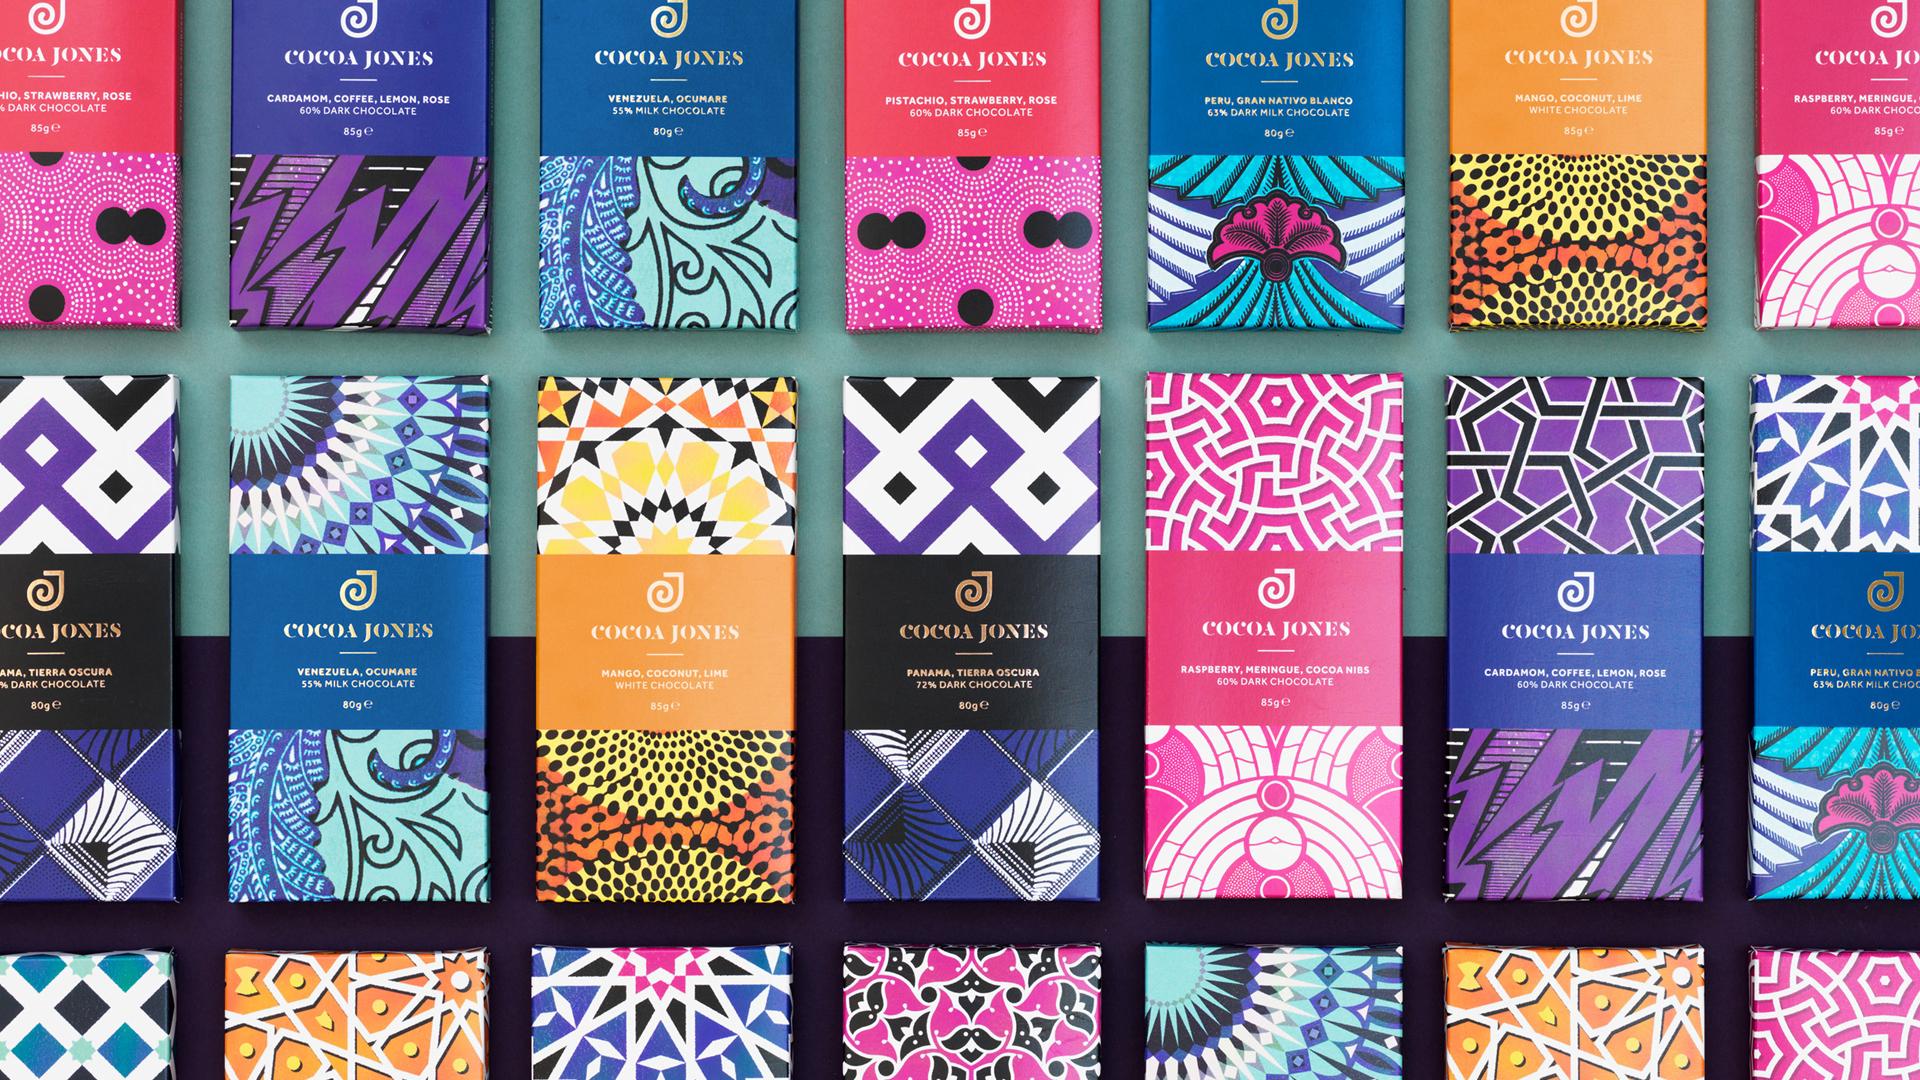 Chocolatier Cocoa Jones reveals culturally diverse branding